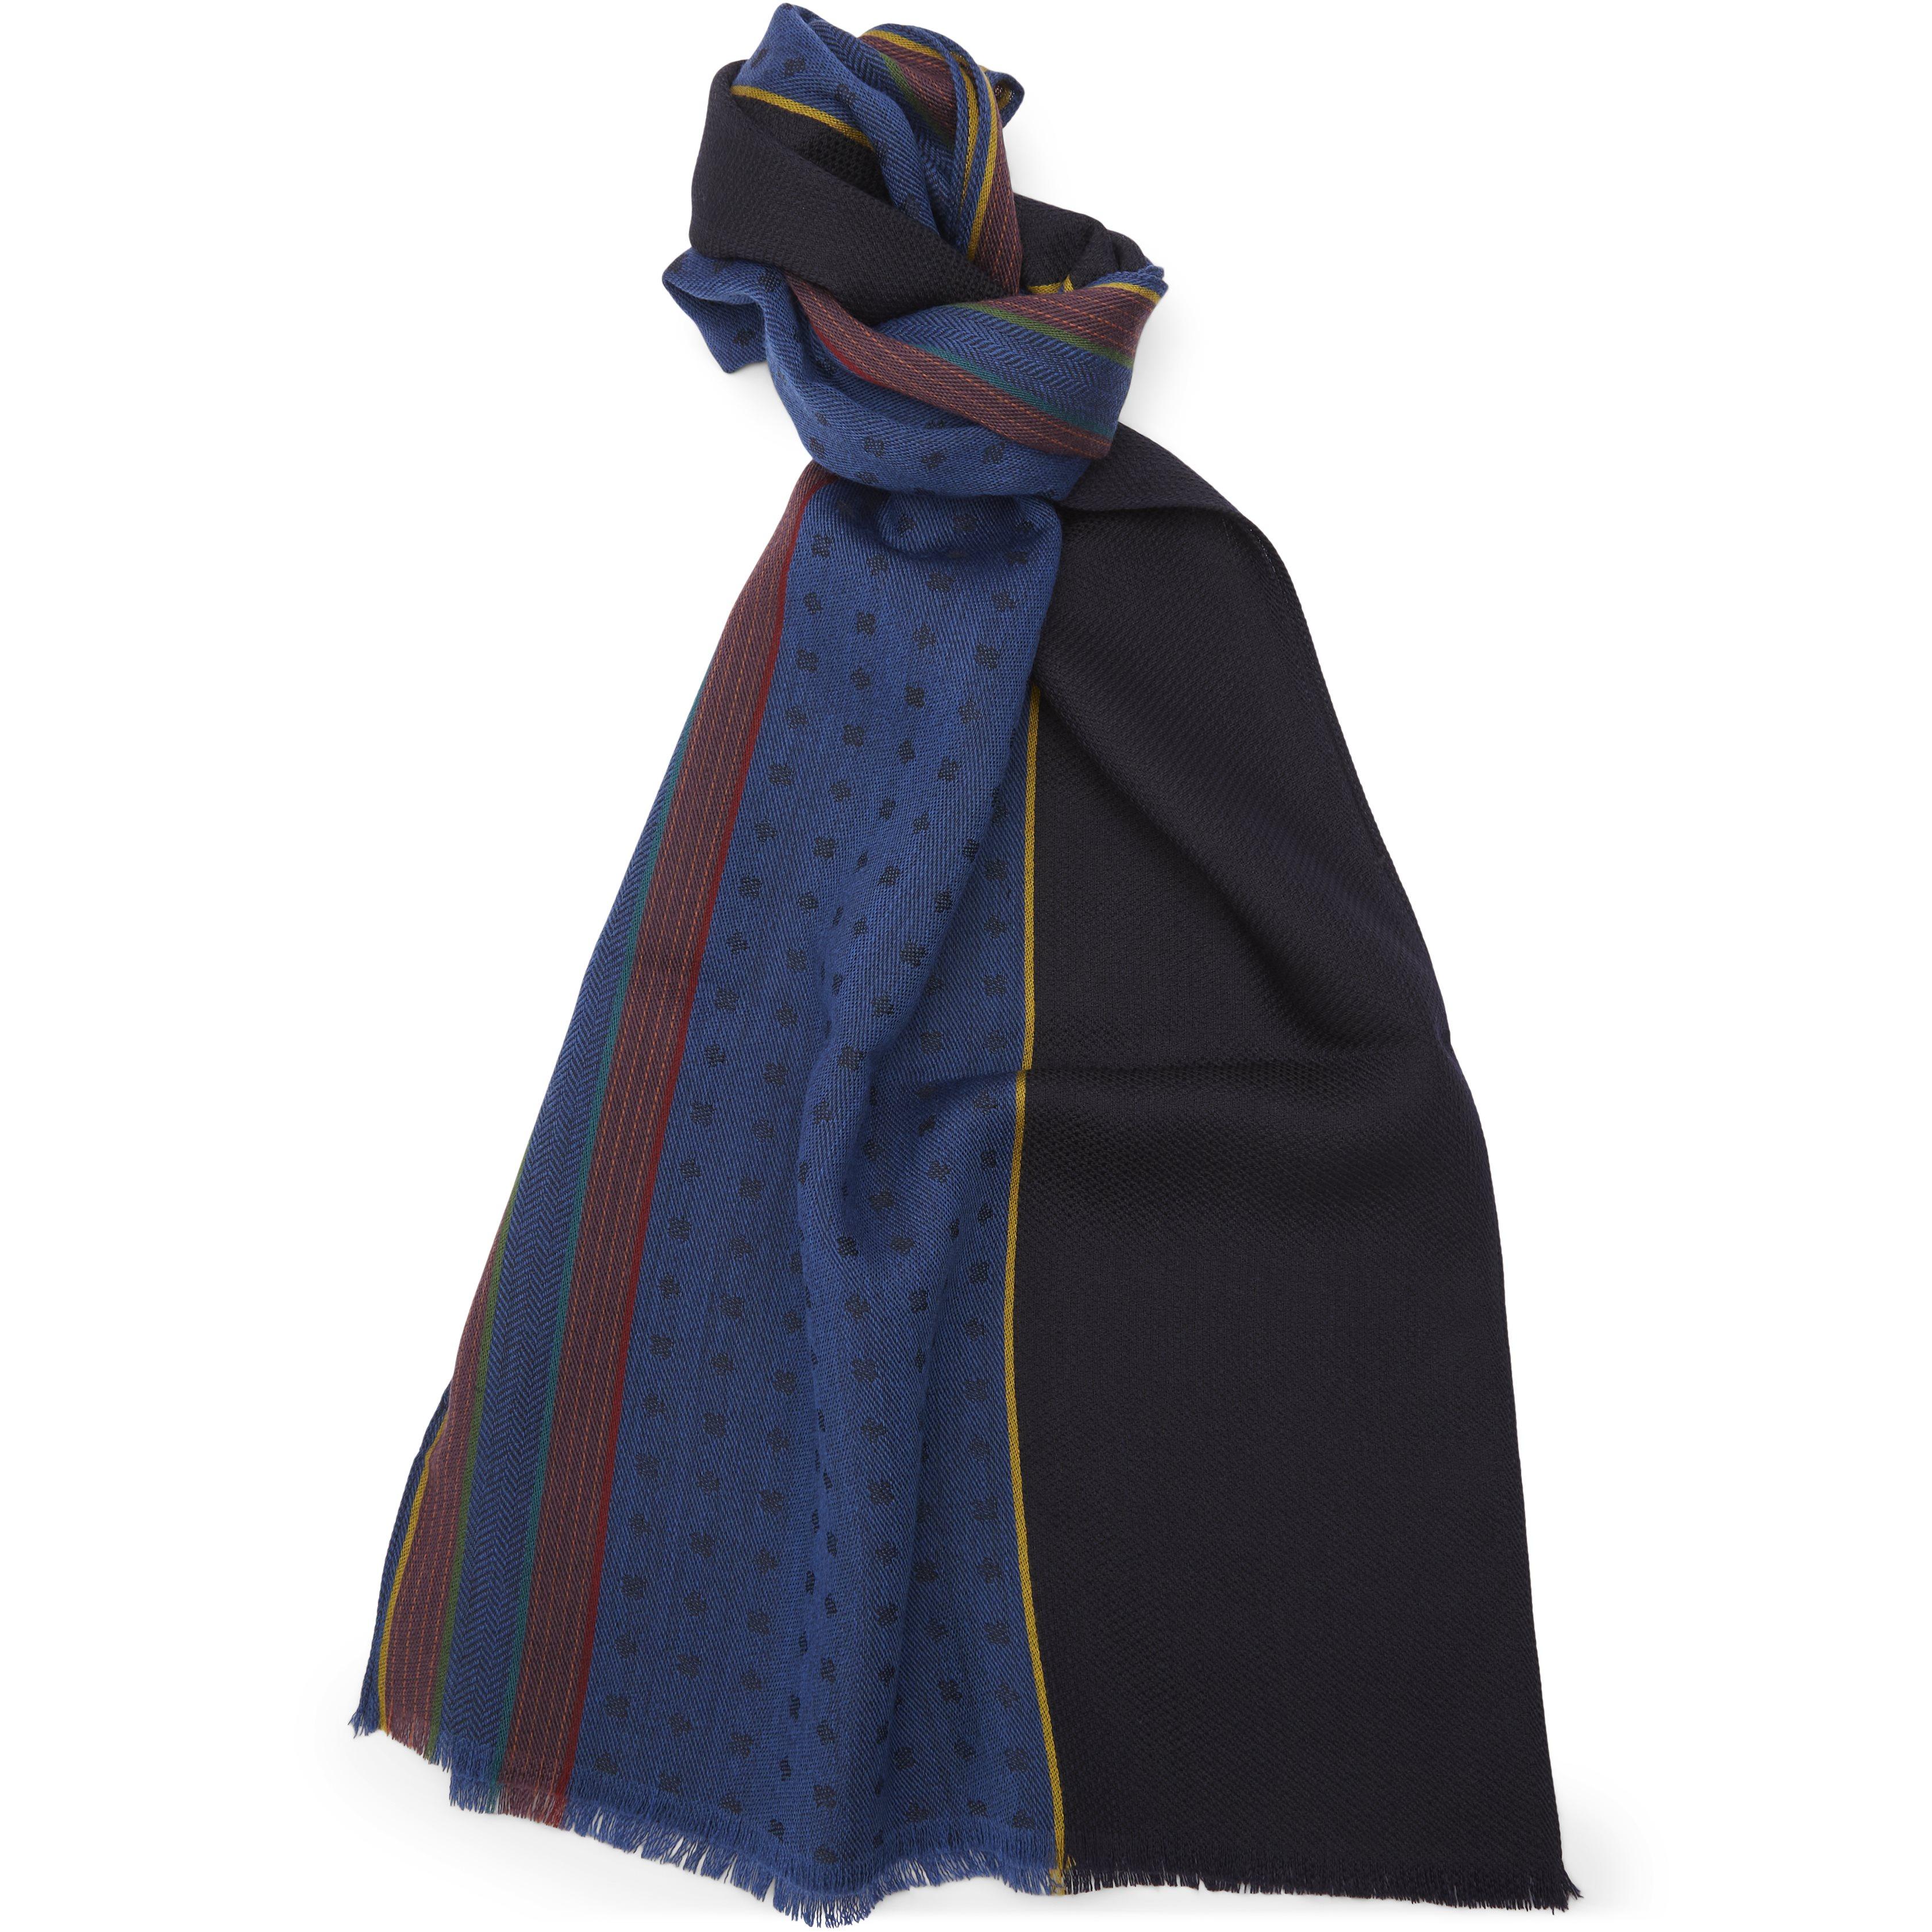 Tørklæde - Tørklæder - Blå